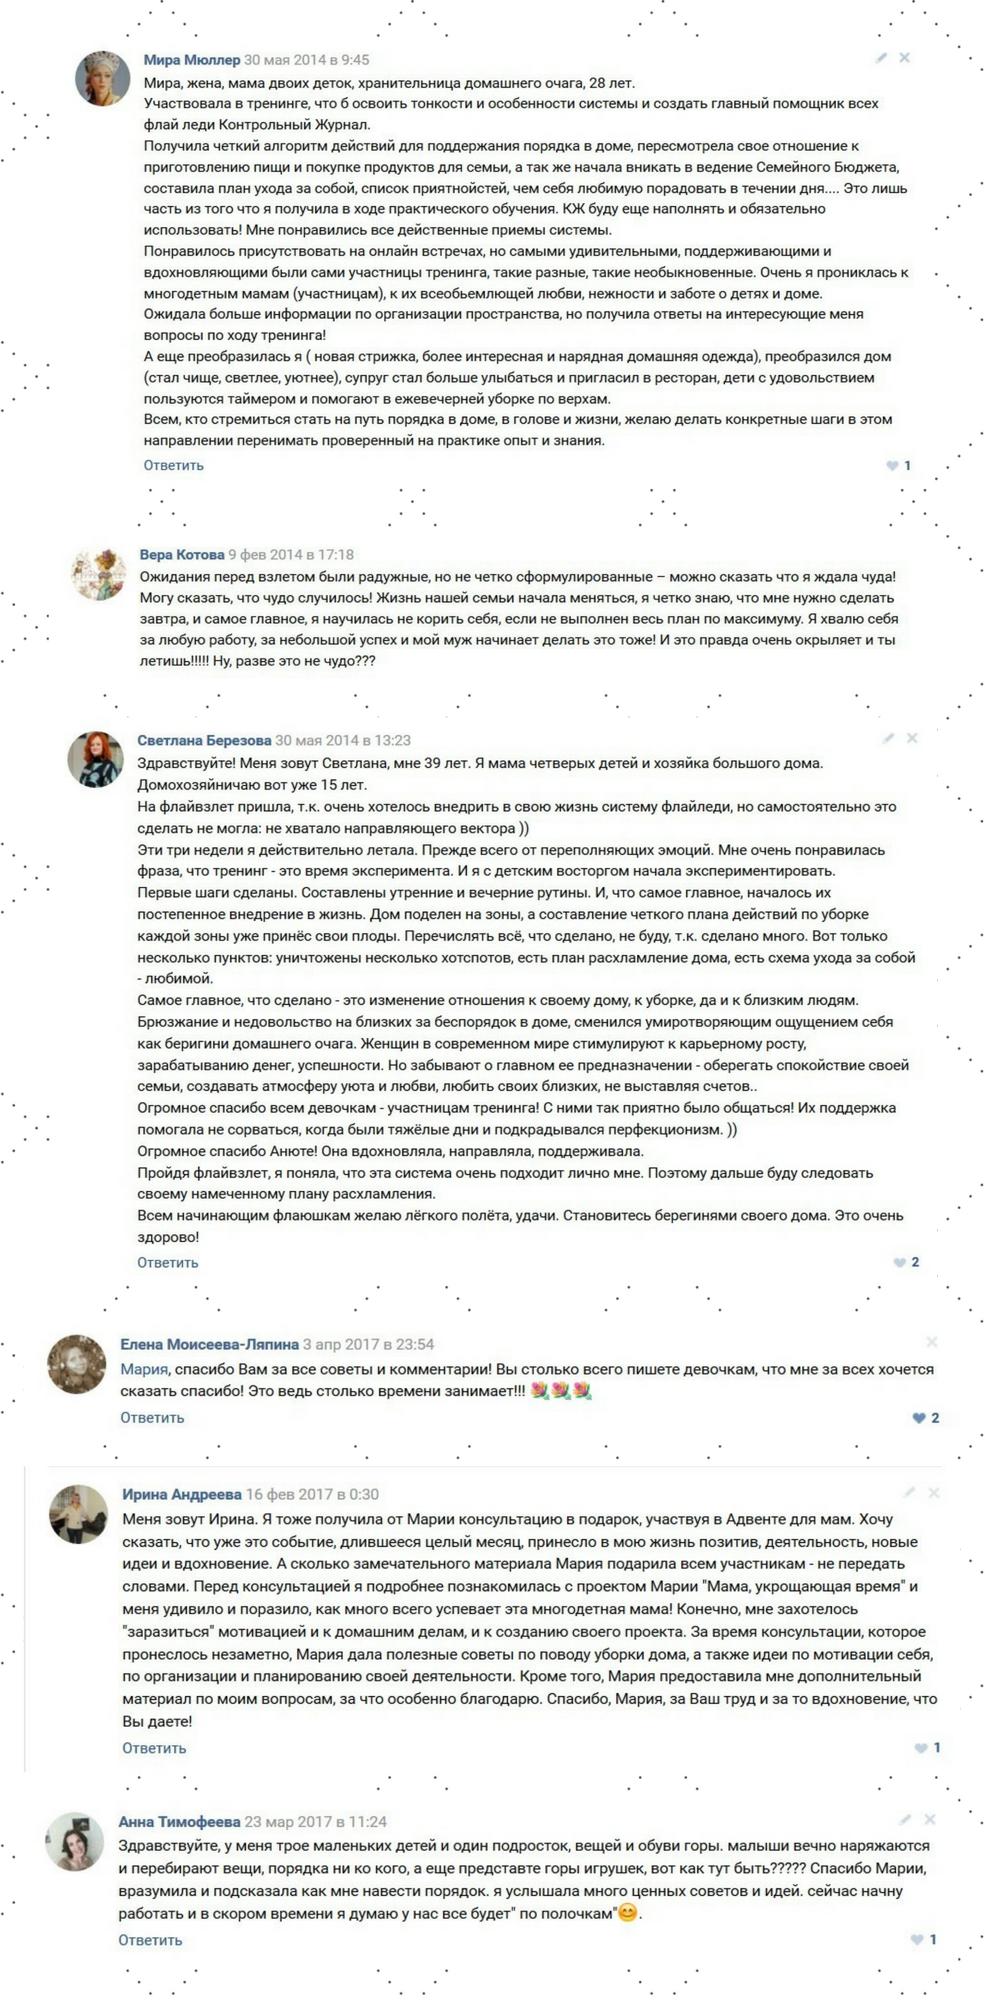 Отзыв о проекте Марии Трагарюк Мама, укрощающая время3